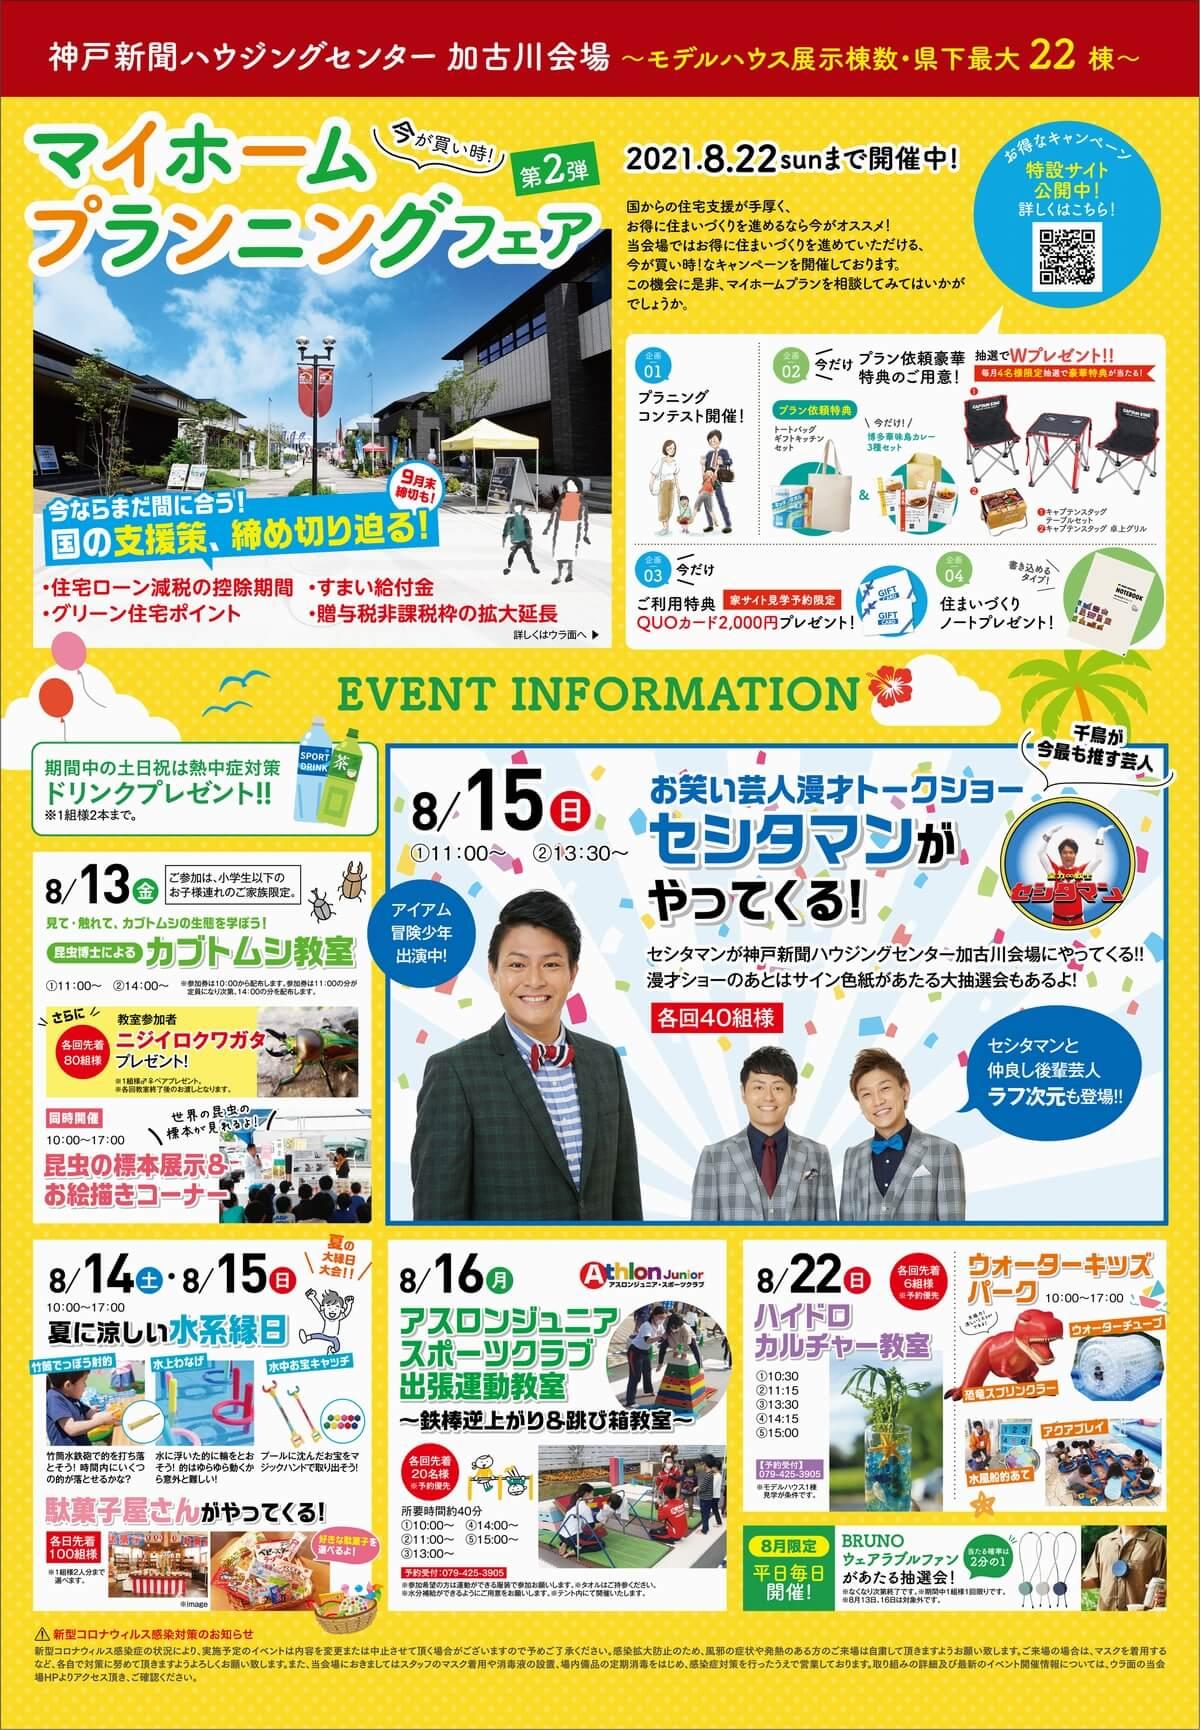 神戸新聞ハウジングセンター加古川会場のイベント告知チラシ